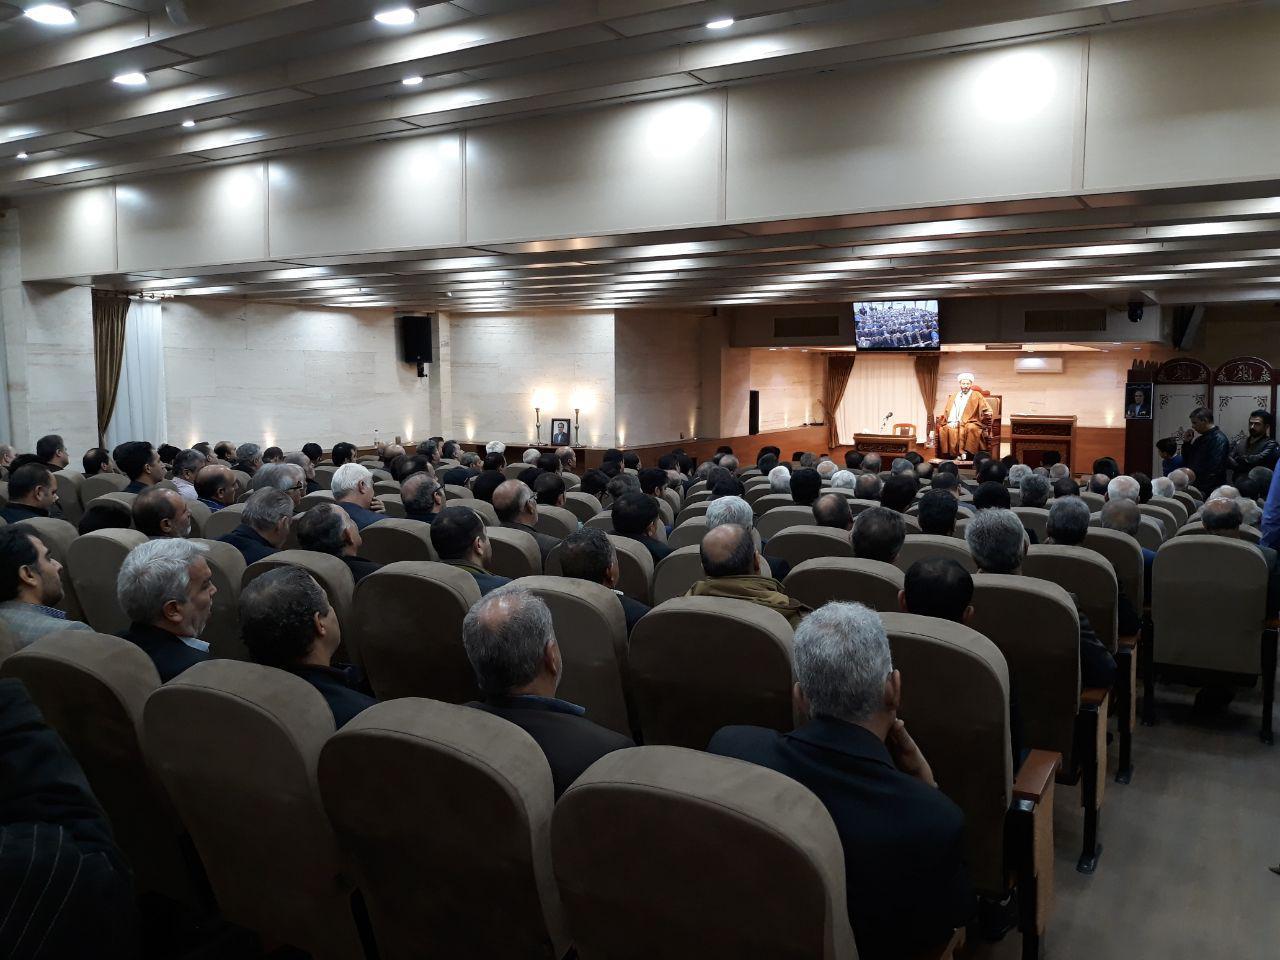 مسجد نظام مافی جهت برگزاری مراسم ختم